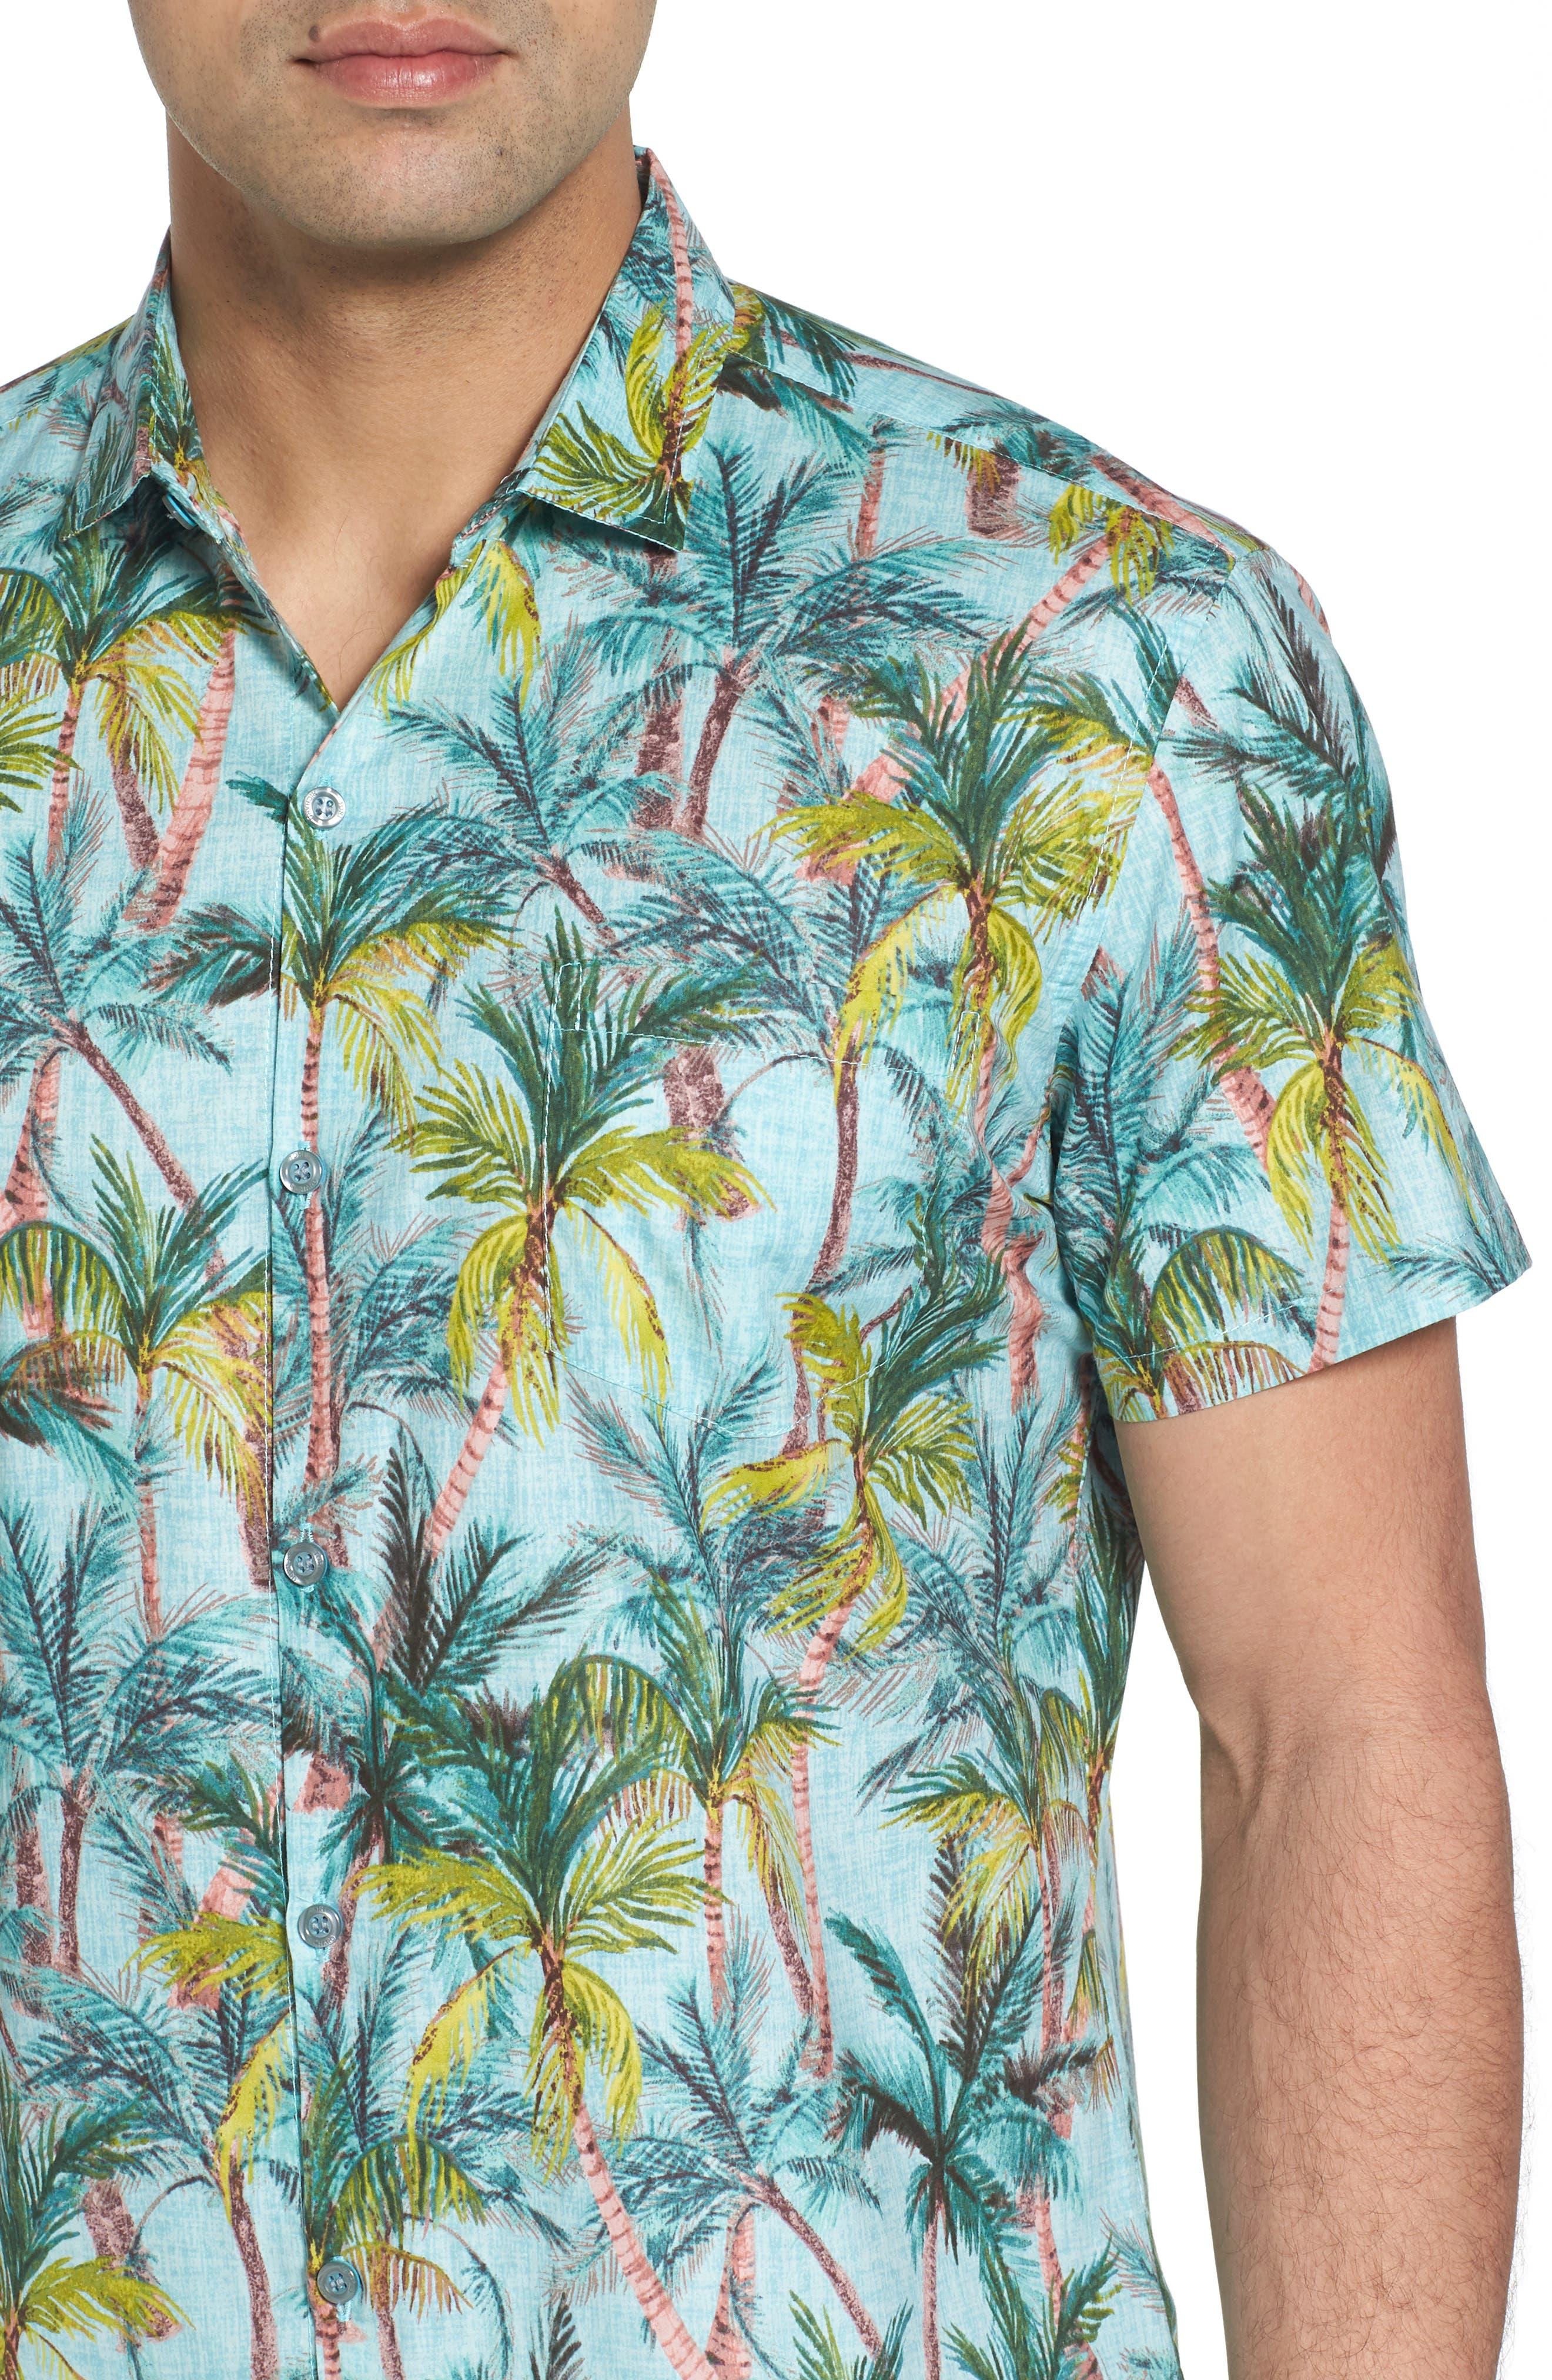 Coco Vida Trim Fit Print Cotton Lawn Sport Shirt,                             Alternate thumbnail 4, color,                             Surf